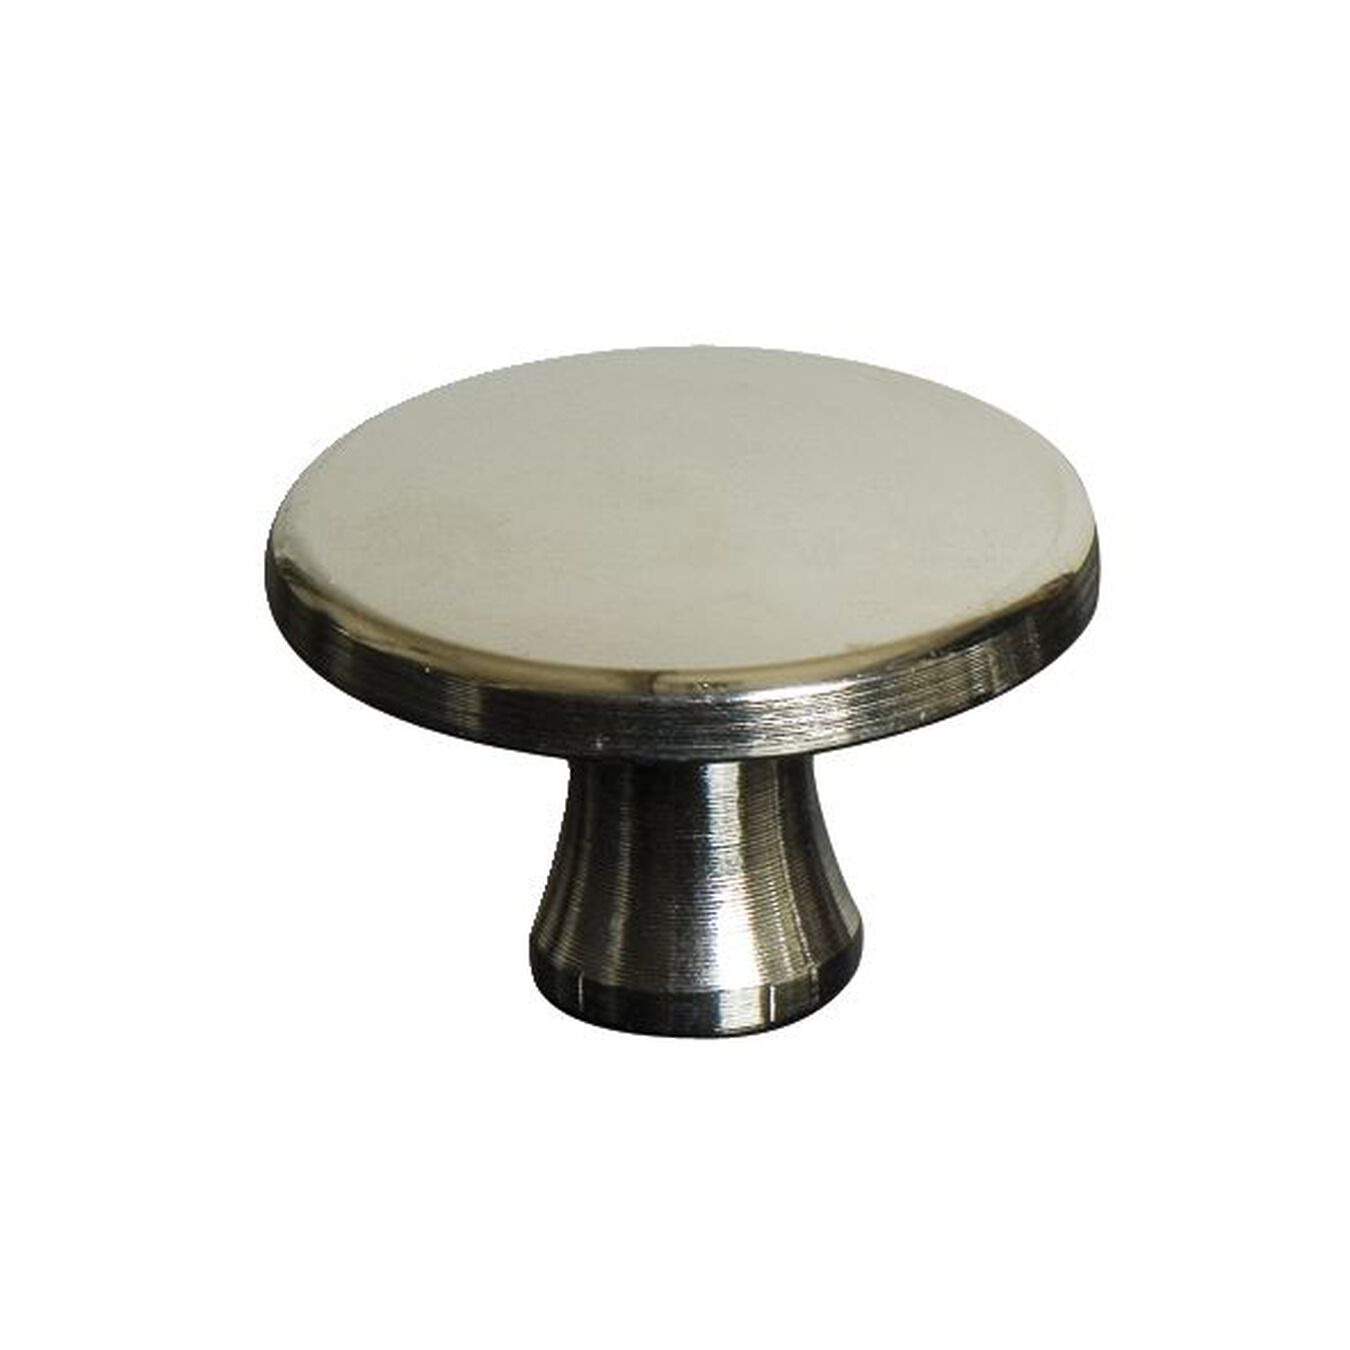 Bouton 4 cm, Nickel,,large 1